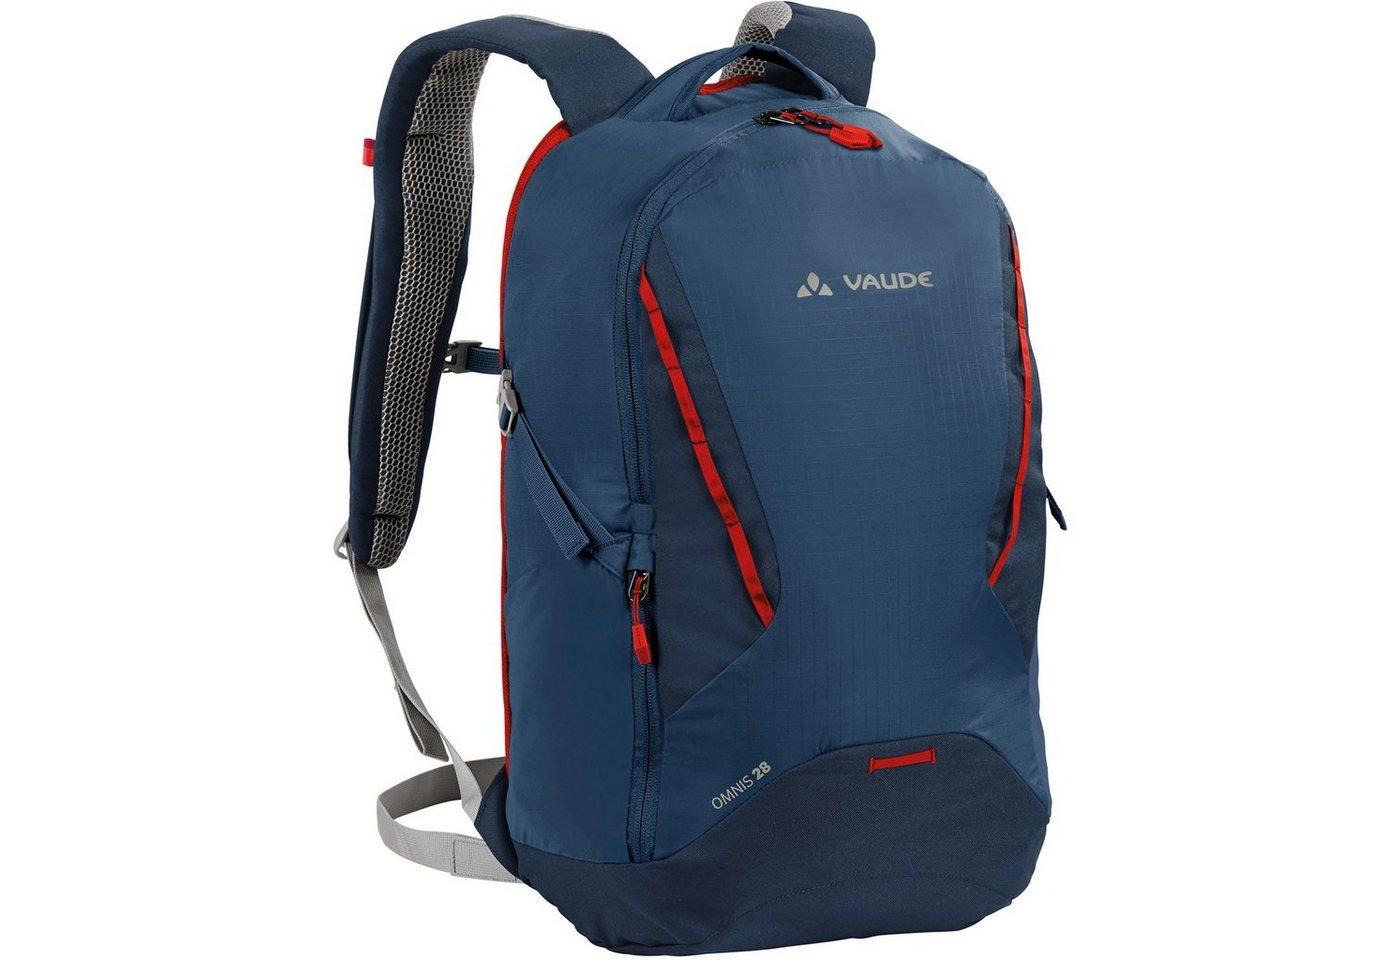 VAUDE Trek & Trail Omnis 28 Rucksack 47 cm Laptopfach